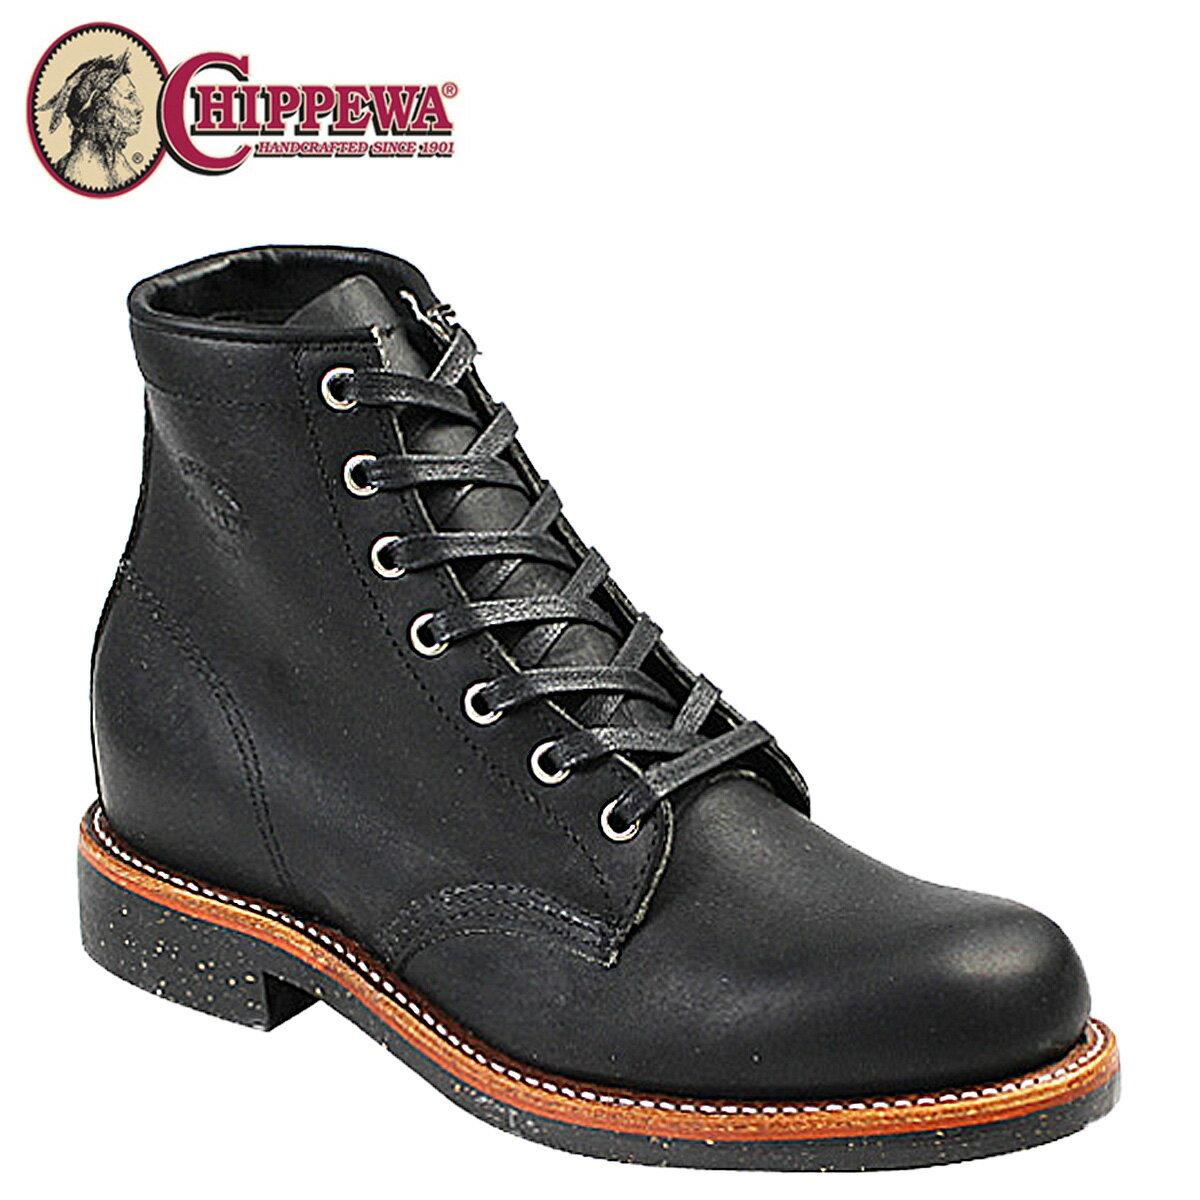 チペワ CHIPPEWA 6INCH SERVICE BOOT ブーツ 6インチ サービス ブーツ 1901M24 Dワイズ ブラック メンズ [12/15 再入荷]